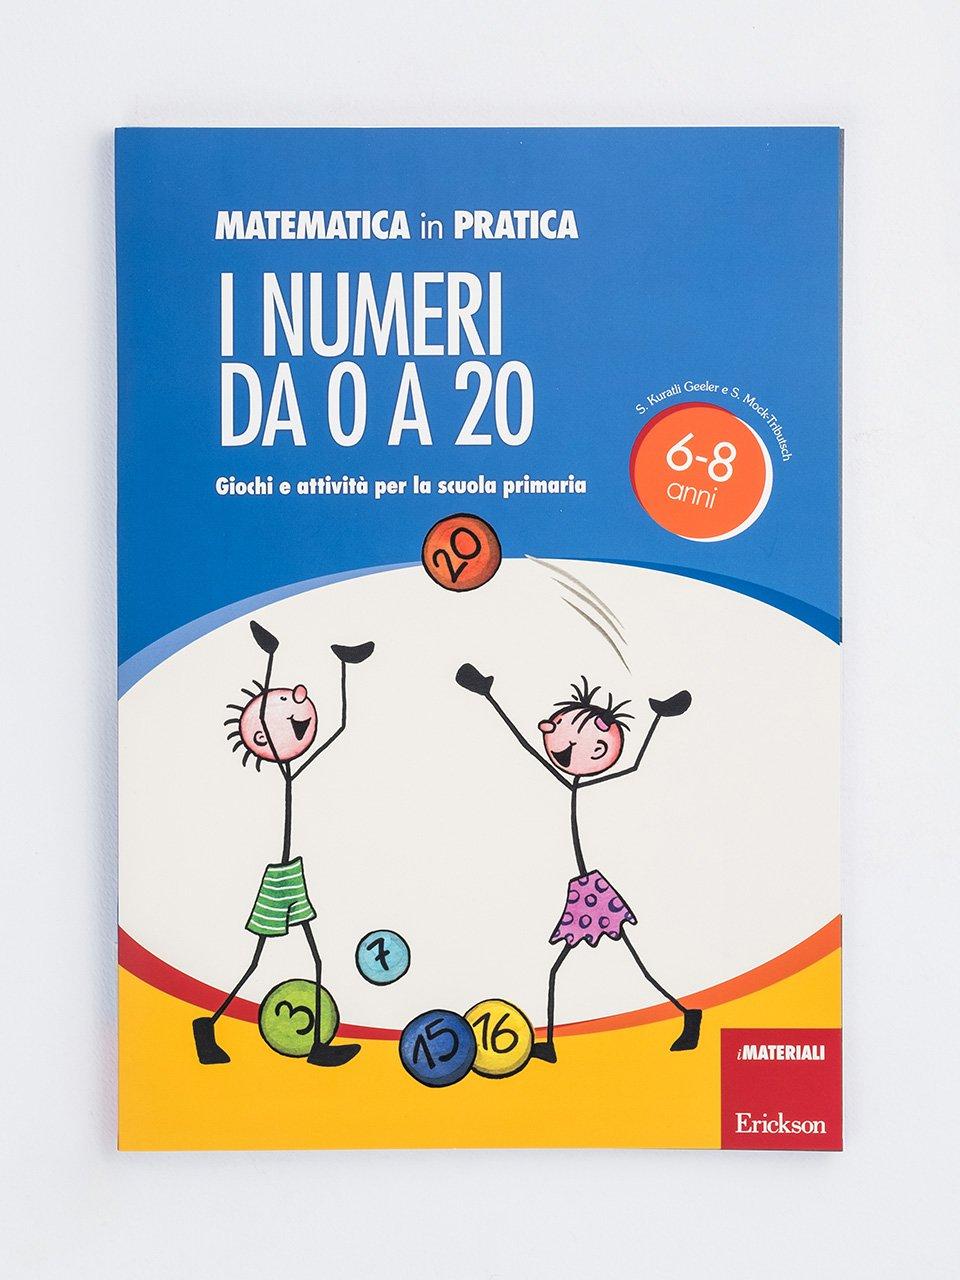 I numeri da 0 a 20 (Serie: Matematica in pratica) - Laboratorio discalculia - Libri - Erickson